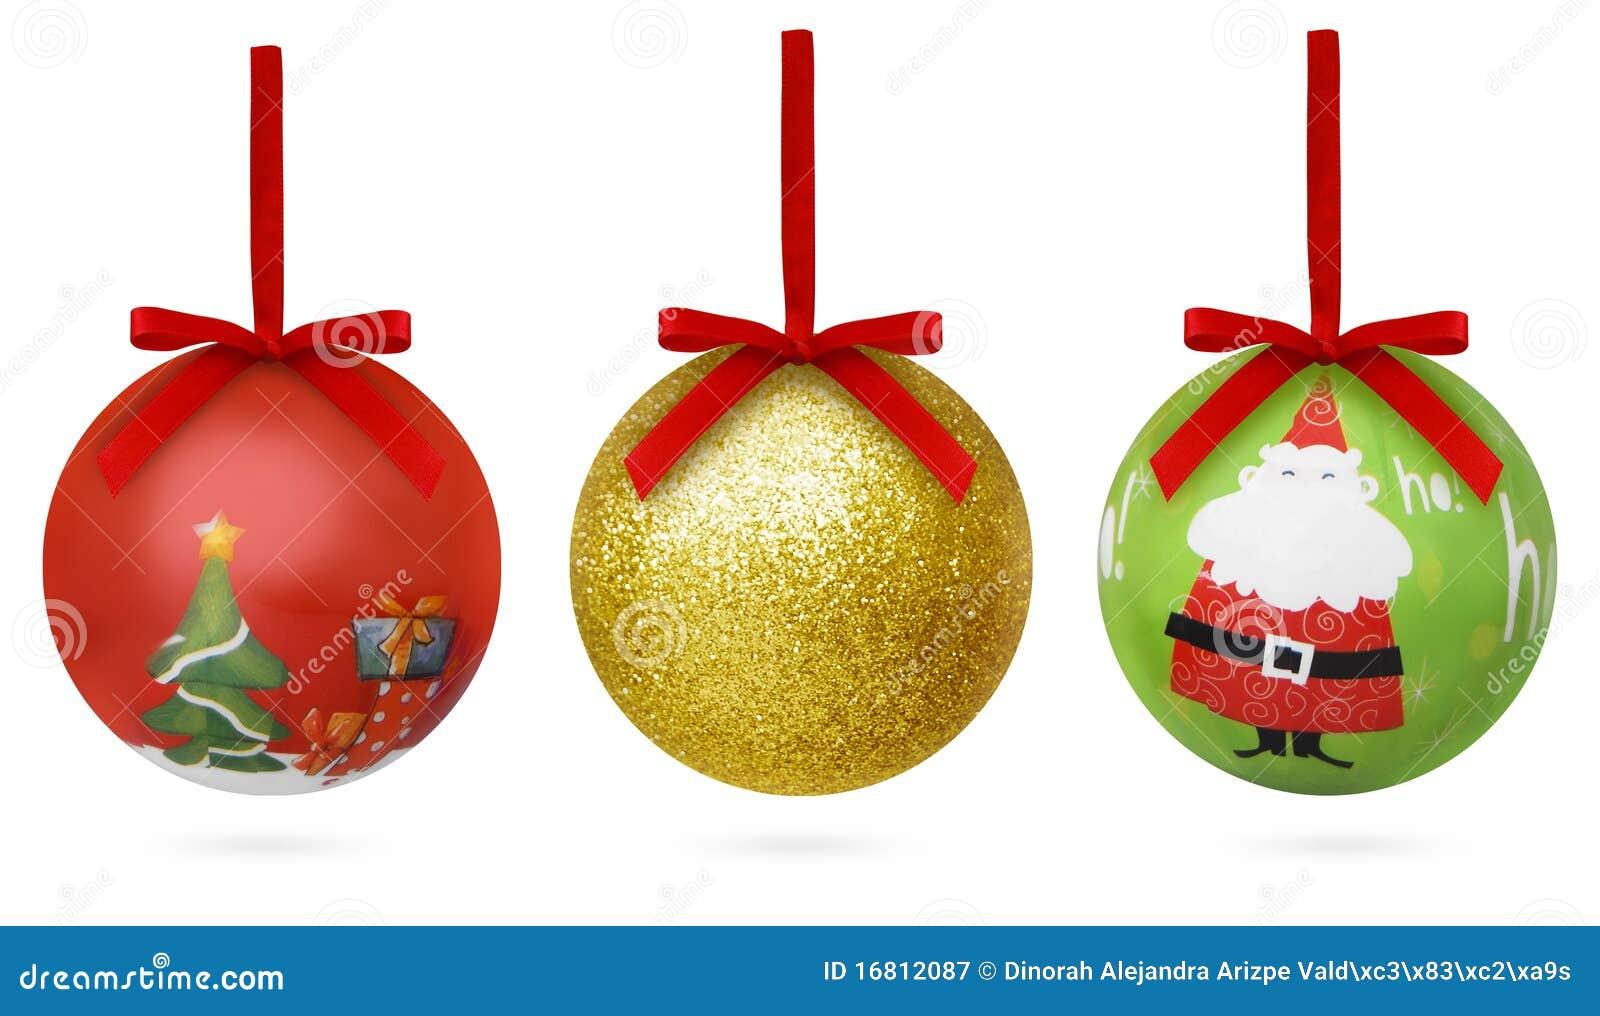 Esferas de la navidad de colorated imagen de archivo for Dibujos de navidad bolas